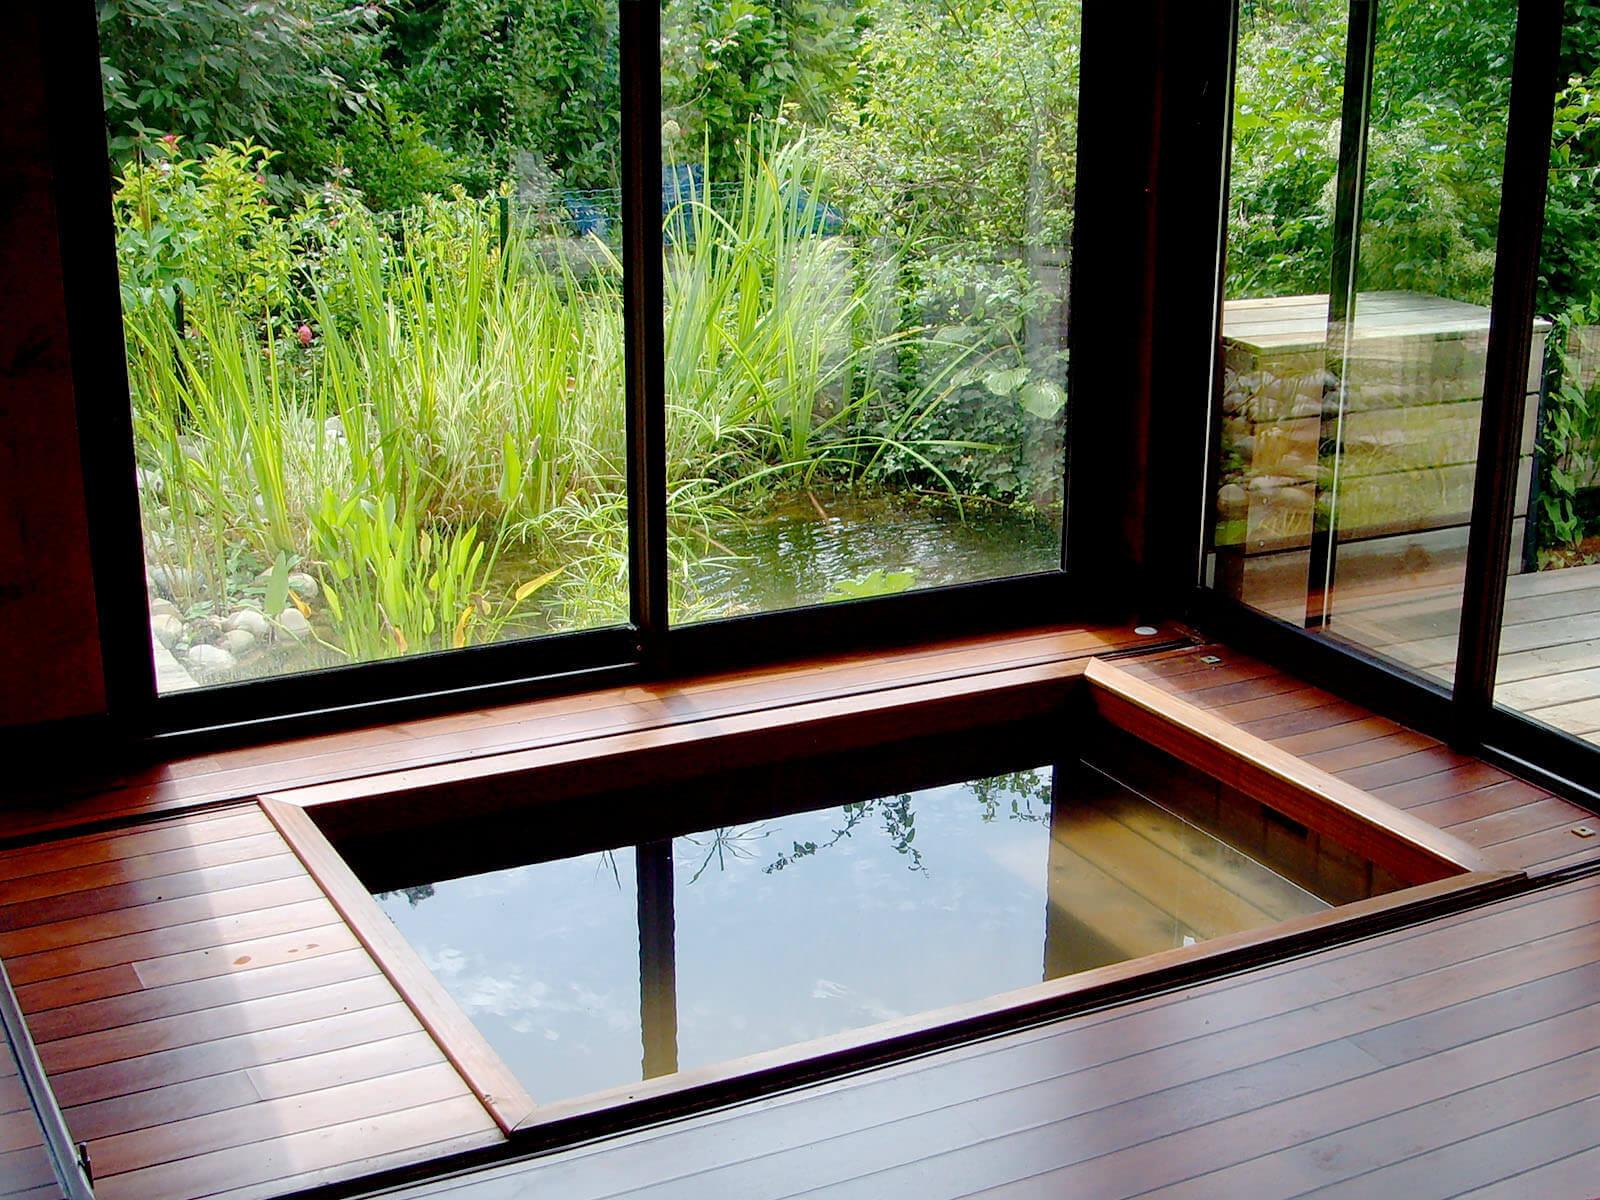 La plus belle r alisation de piscine int rieure en bois - Piscine dans le salon ...